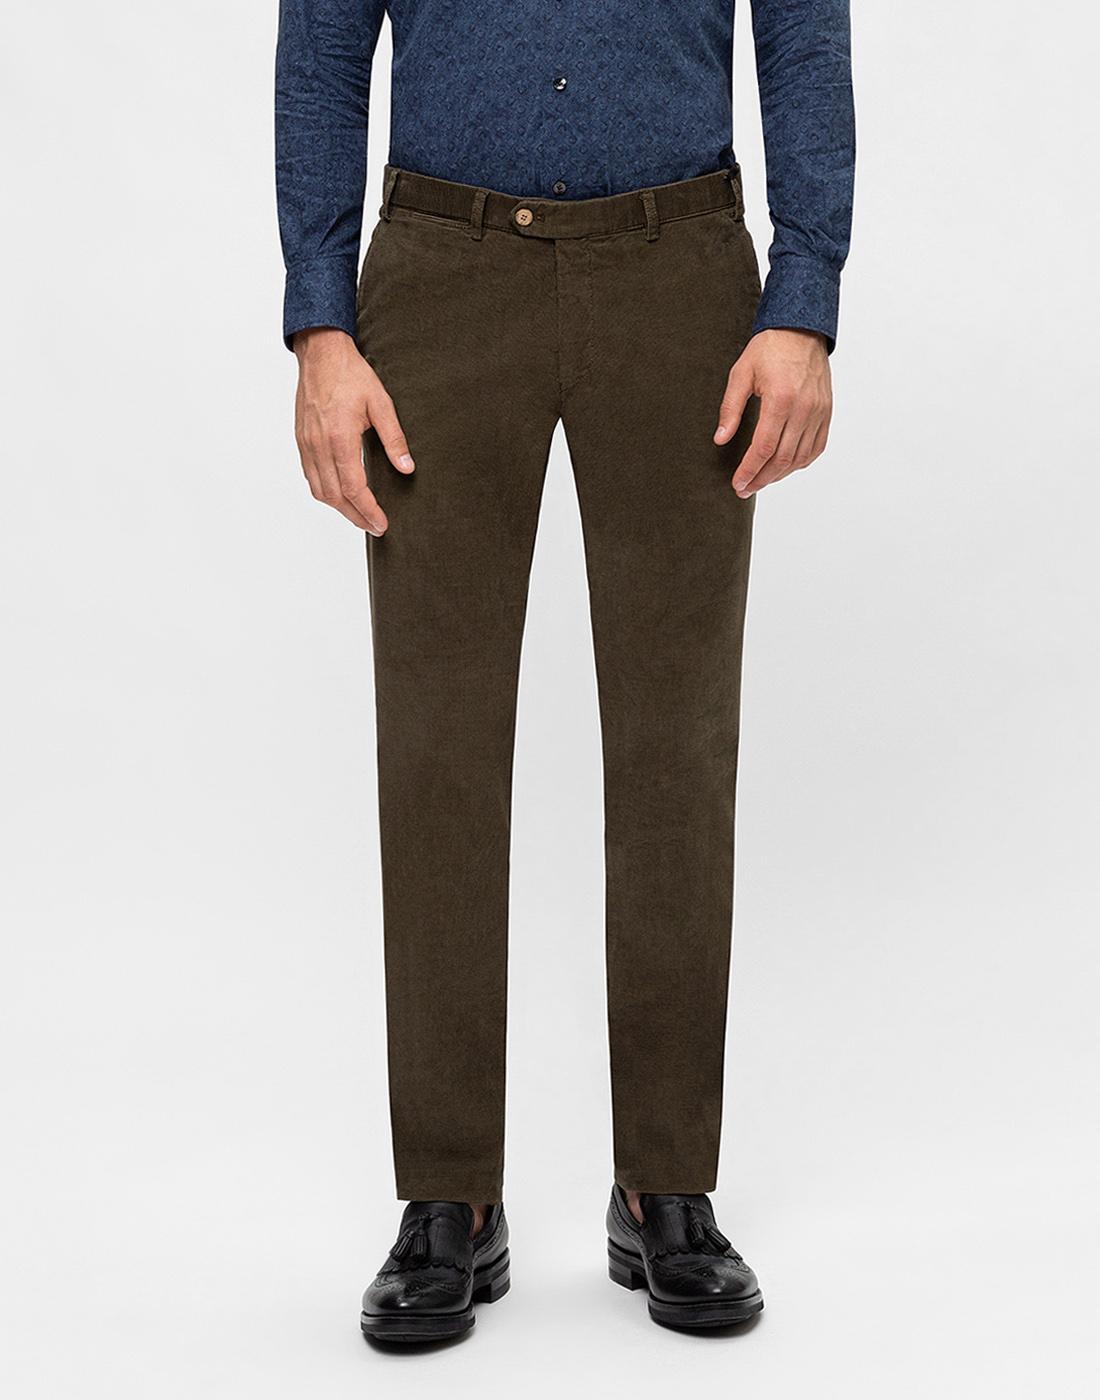 Мужские оливковые вельветовые брюки Hiltl  S72523 23 58300-2